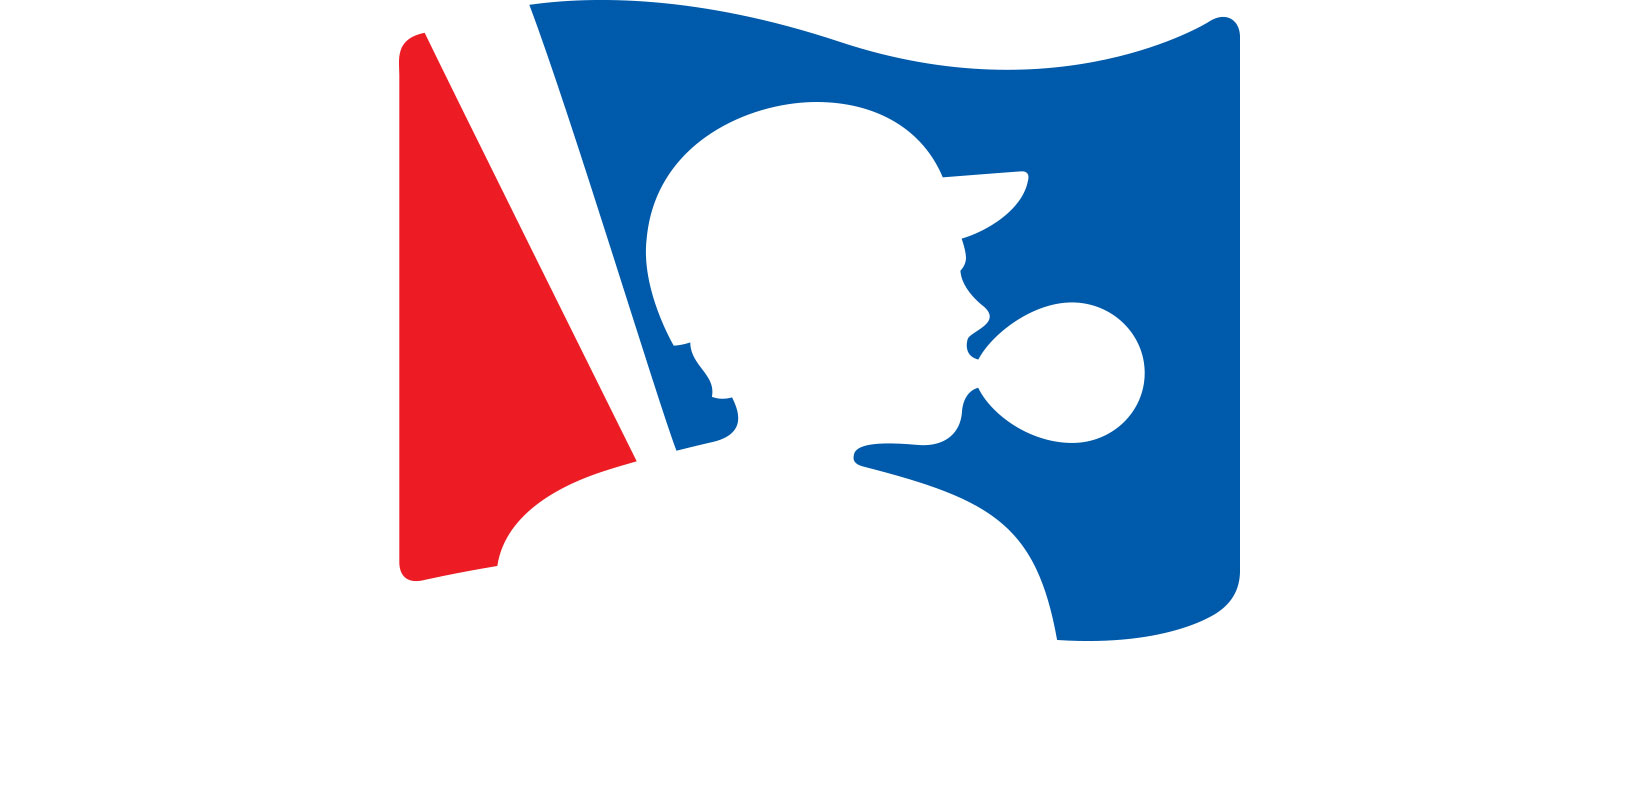 Baseball clipart little league baseball. Rbmm brand design studio